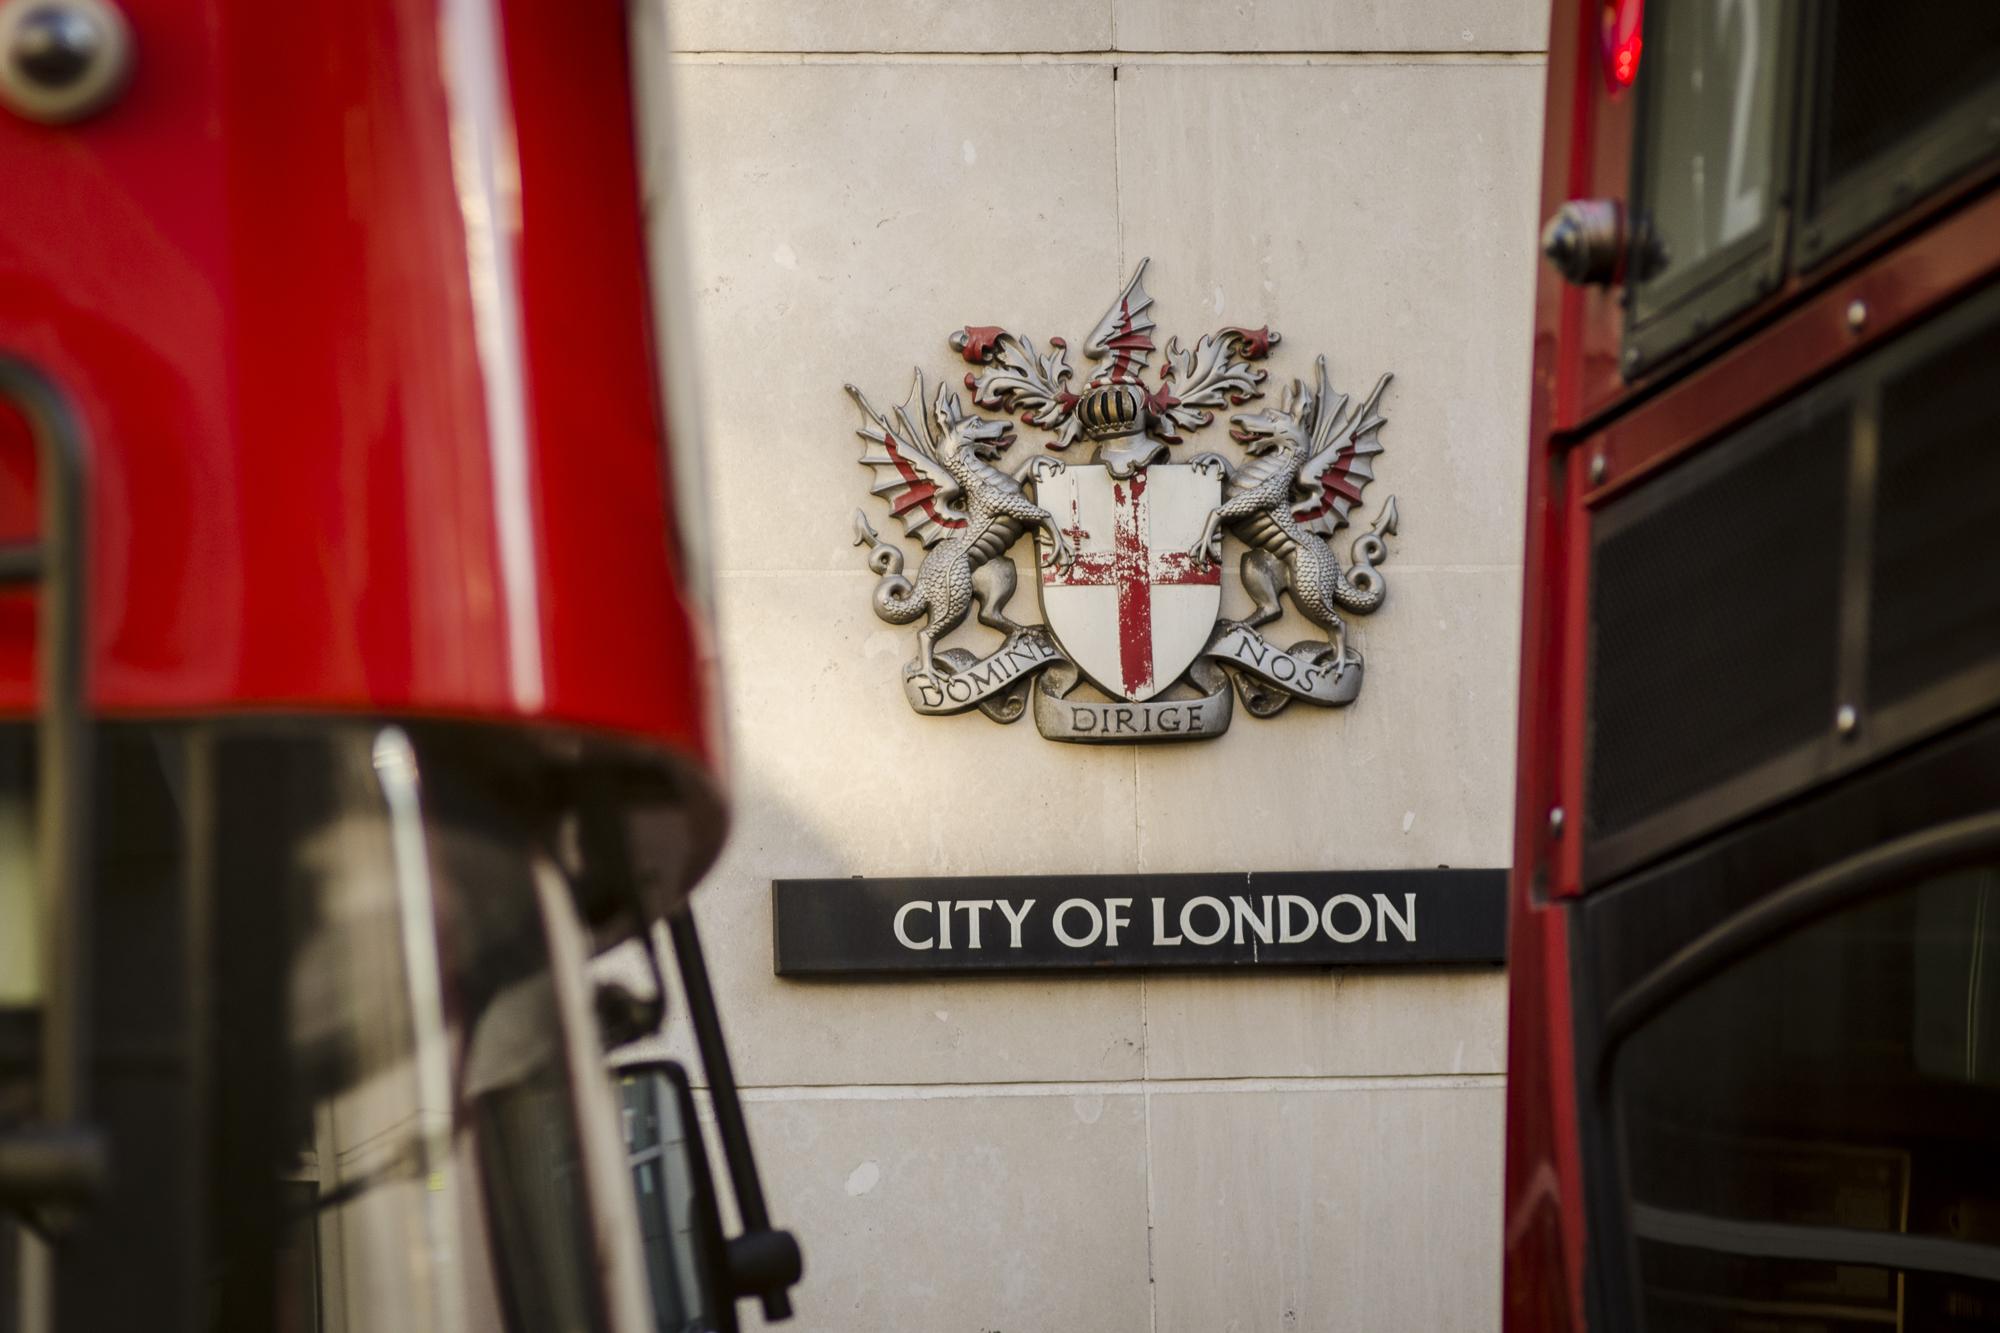 City of London - London  PHOTOGRAPHY: ALEXANDER J.E. BRADLEY • NIKON D7000 • AF NIKKOR 80-200mm f/2.8 D ED @ 135MM • Ƒ/4 • 1/250 • ISO 200